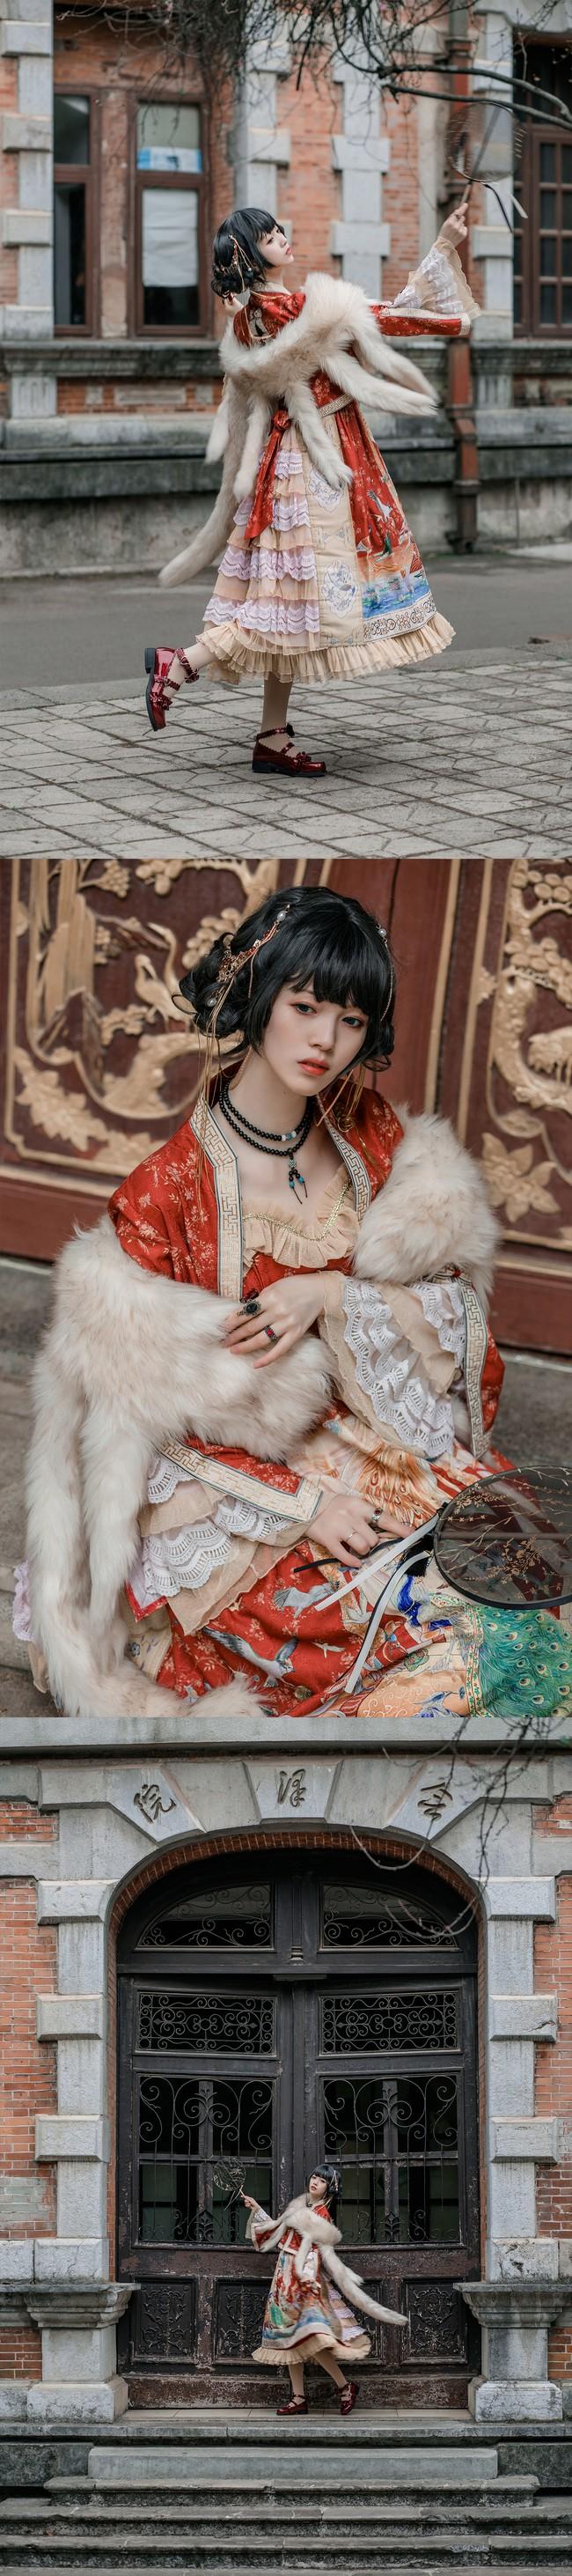 百鸟朝凤Lolita 私影 COS正片-第9张